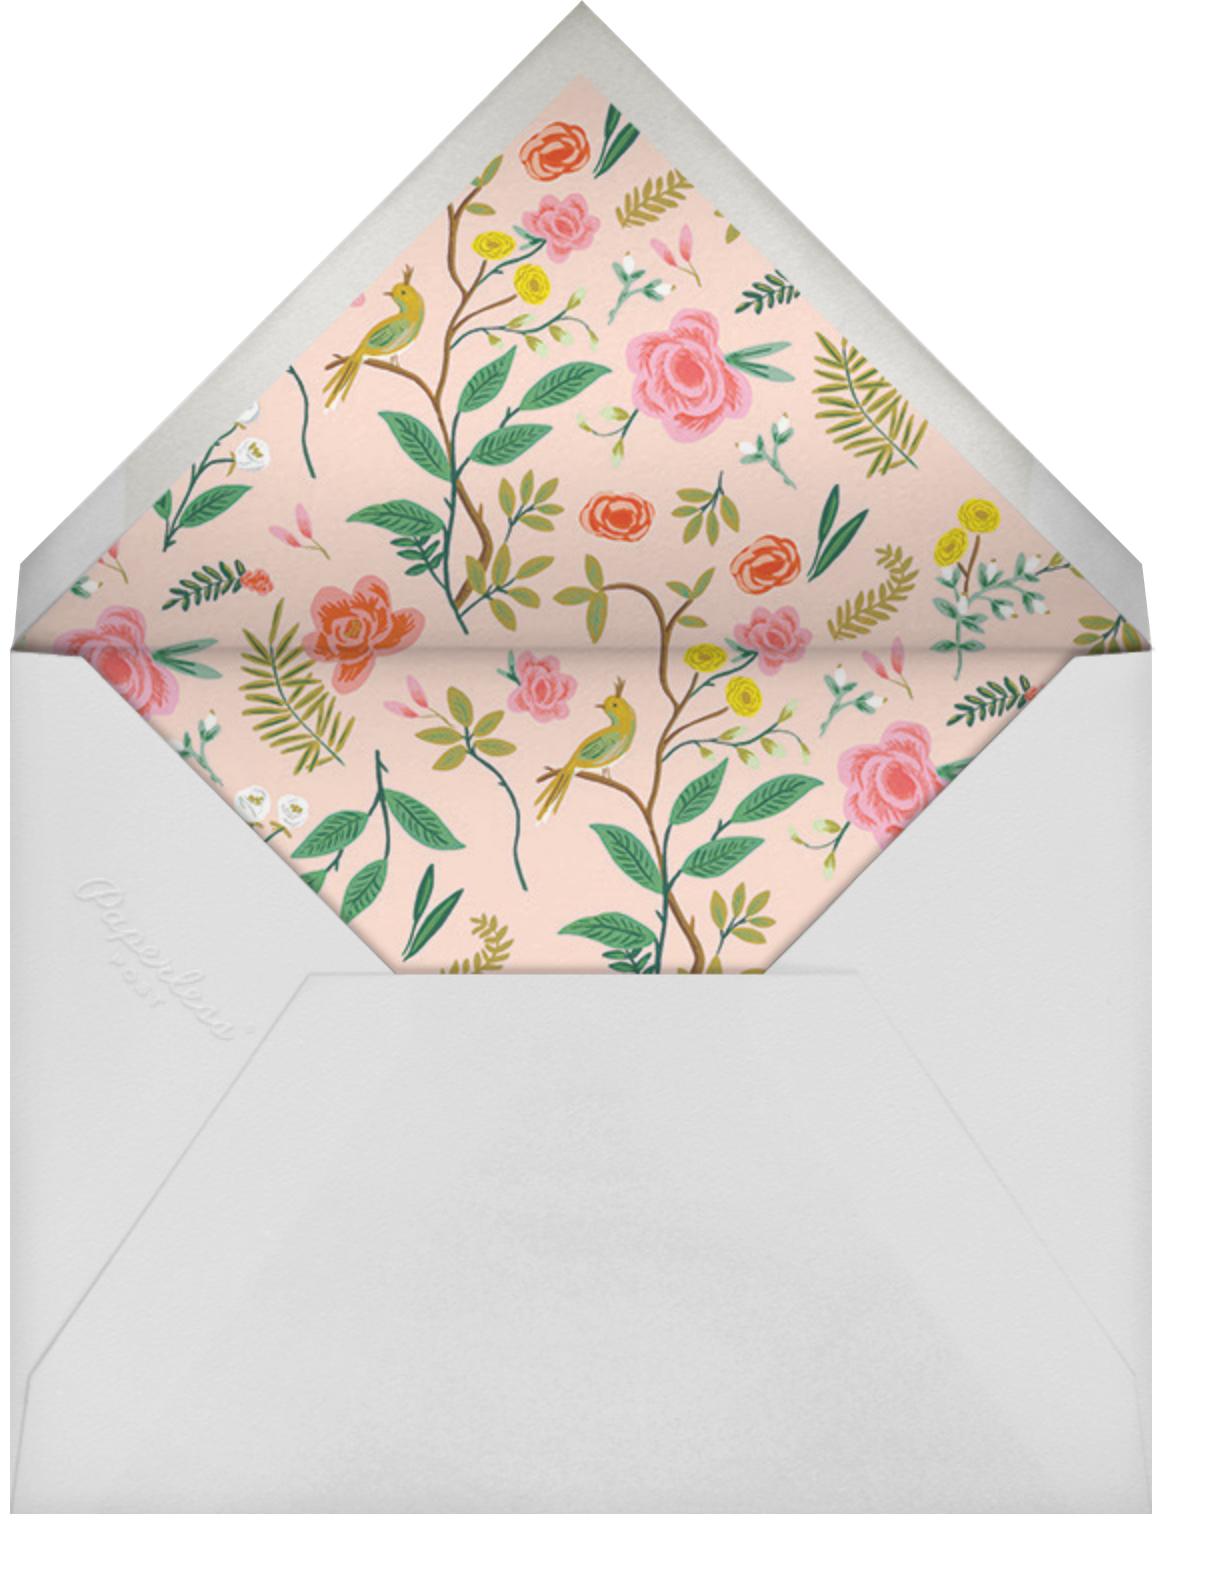 Shanghai Garden (Invitation) - Rifle Paper Co. - All - envelope back